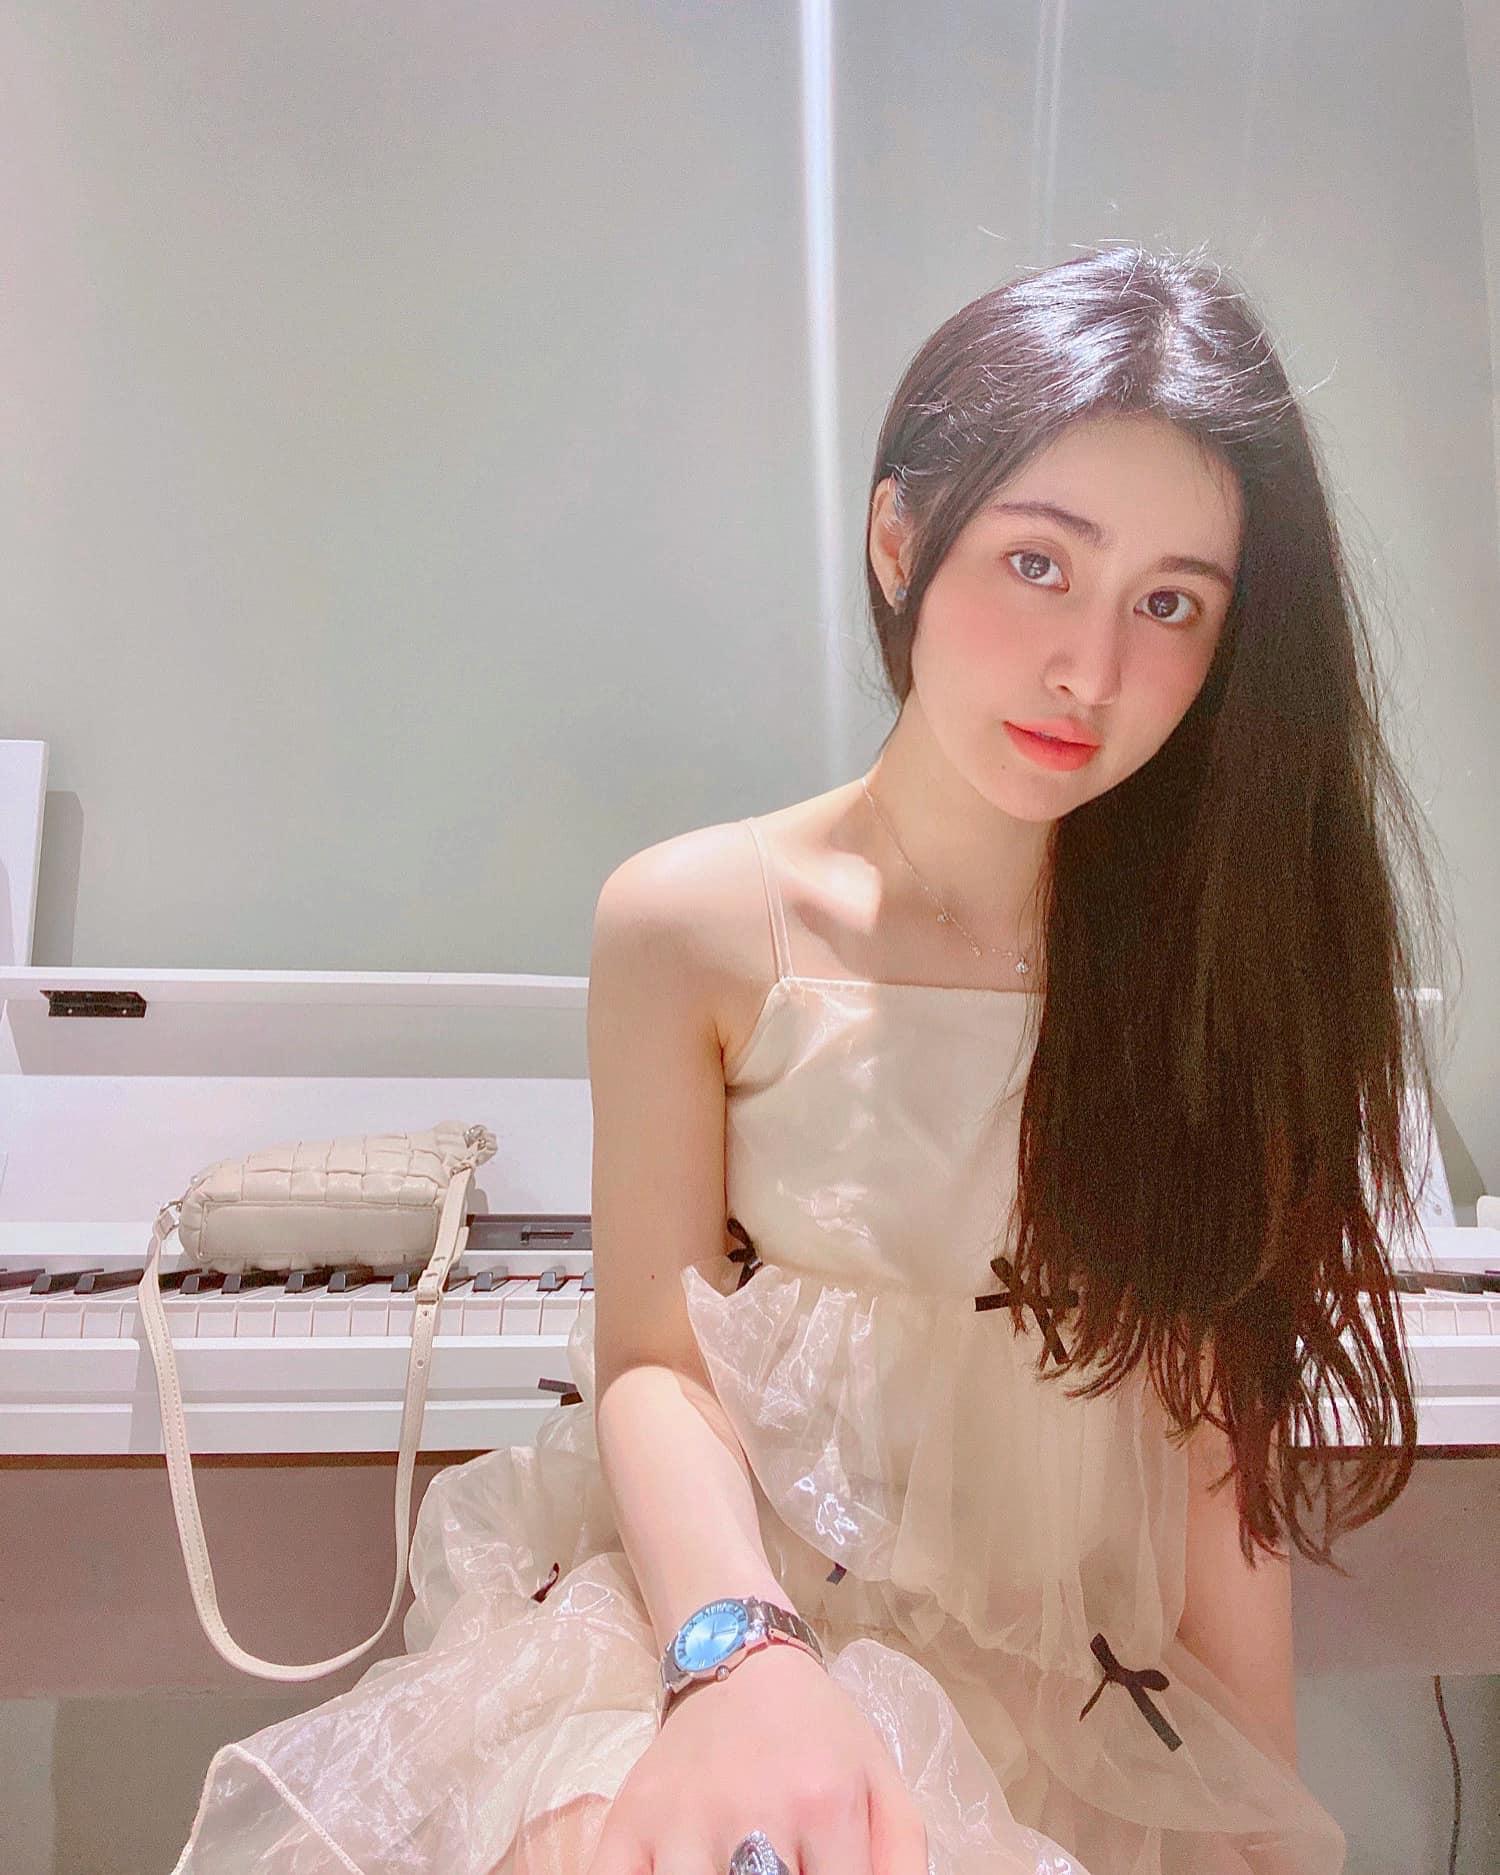 """Nữ sinh Kinh tế thi Hoa hậu Hoàn vũ Việt Nam có số đo vòng 2 """"hiếm có khó tìm"""" - 11"""